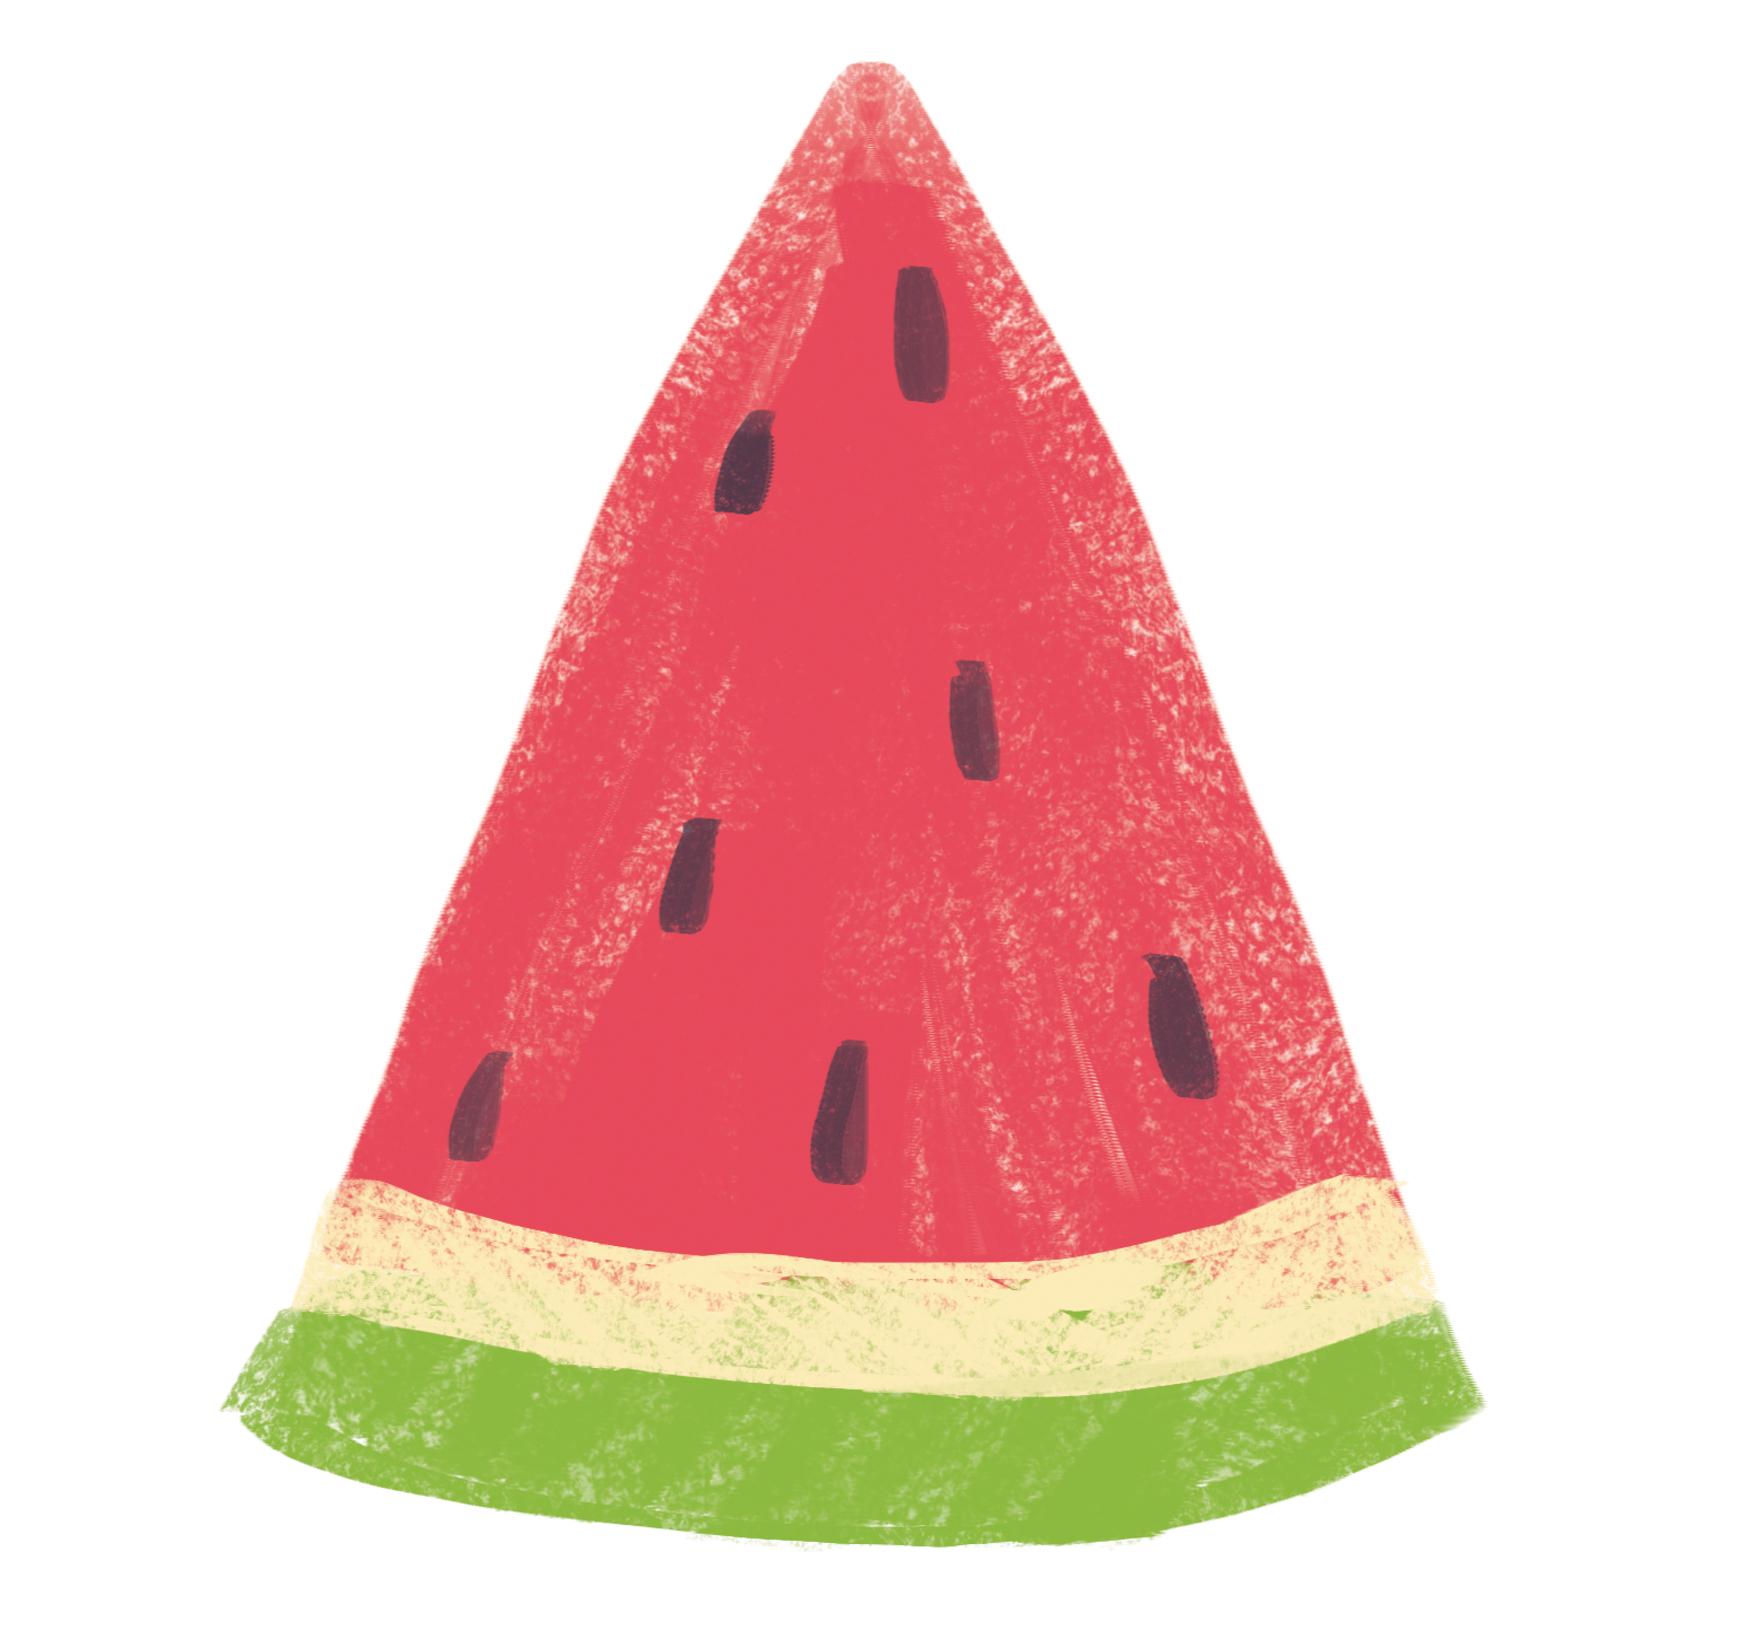 'Feeling Fruity' Cards